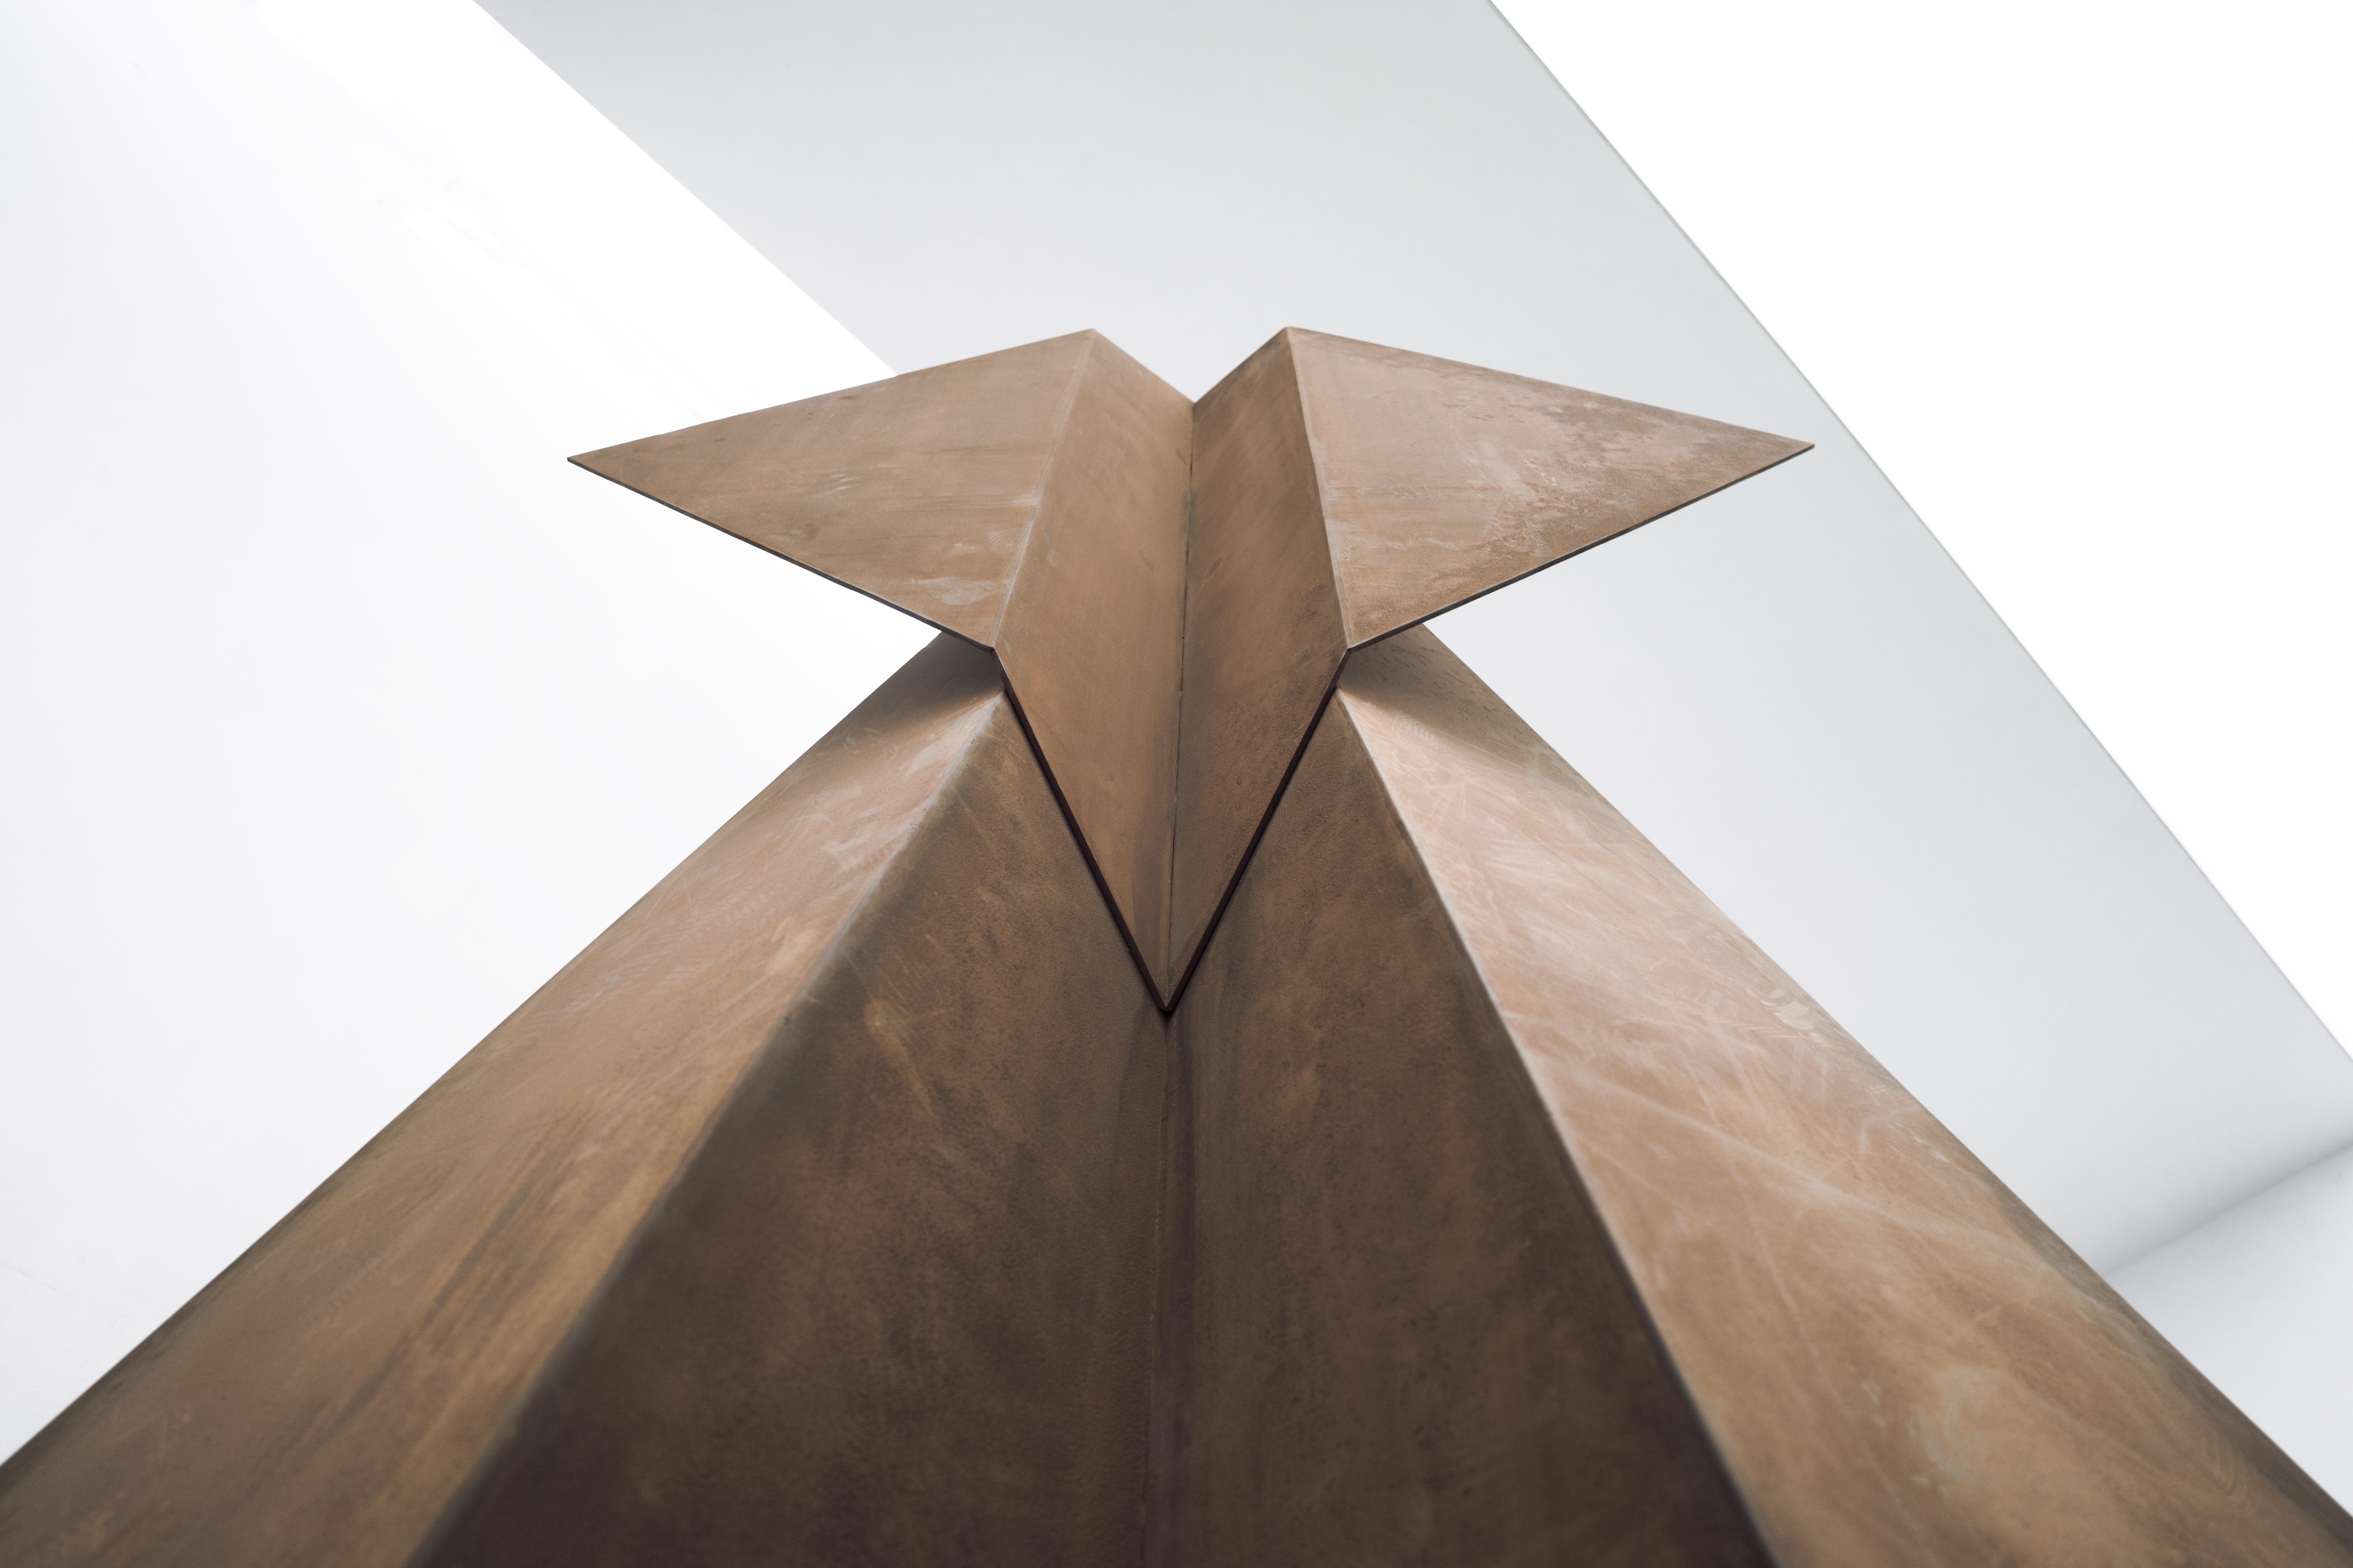 Samuel Zealey - Invertor Wing